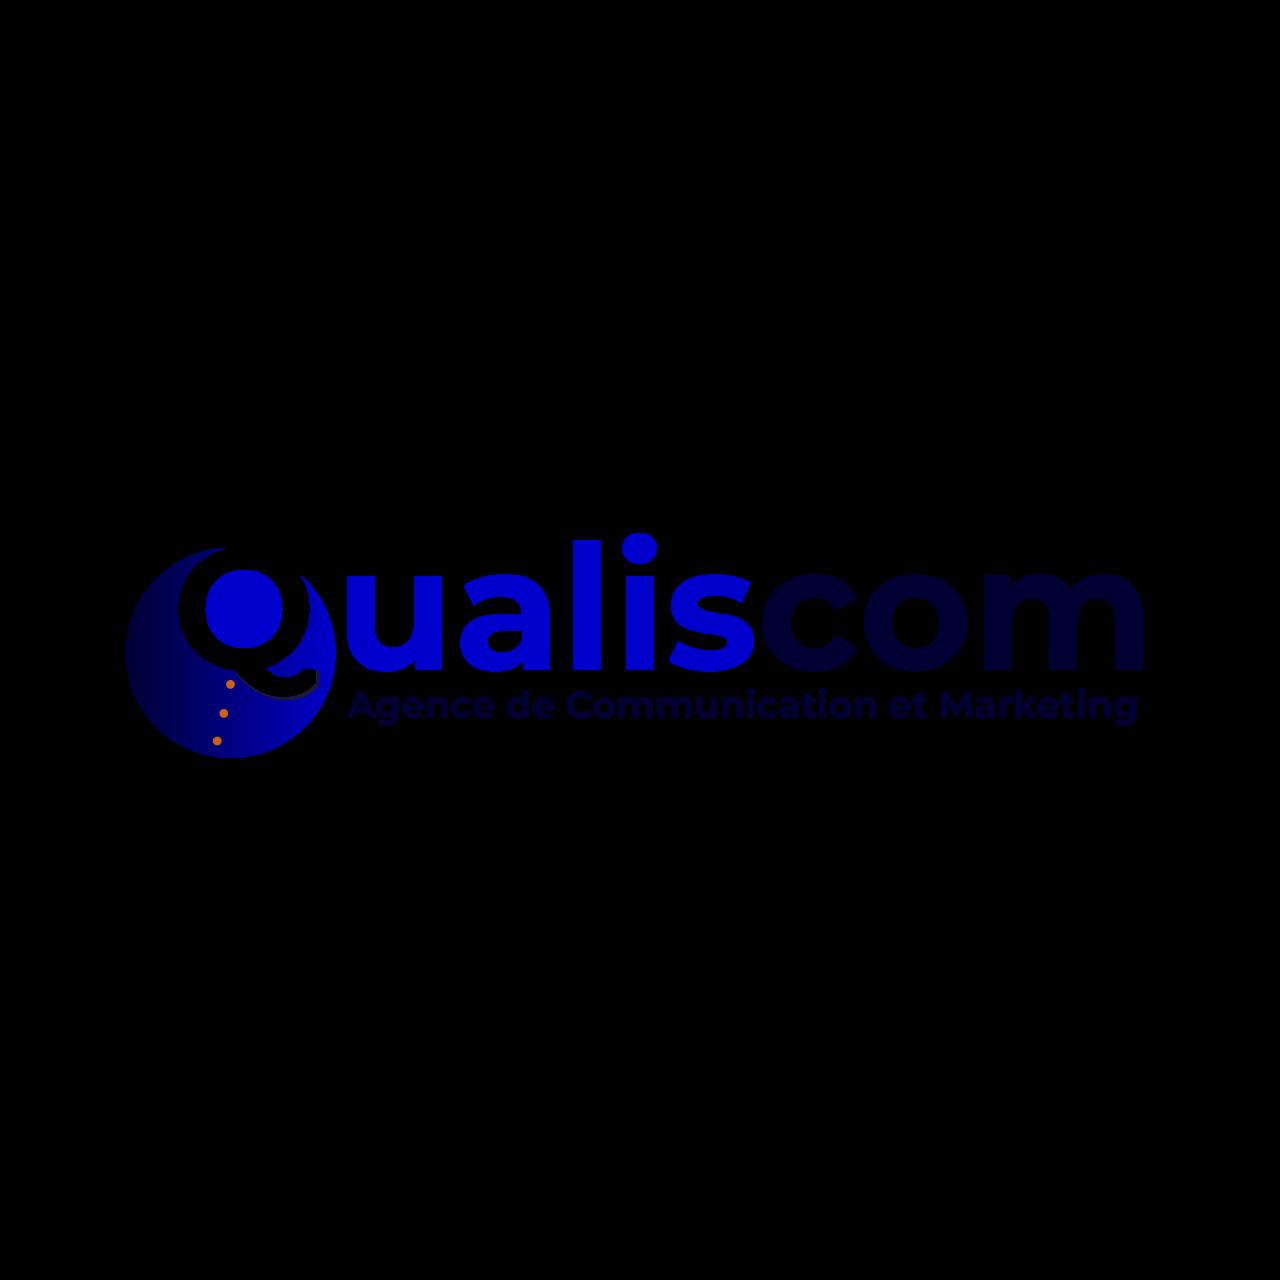 qualiscom